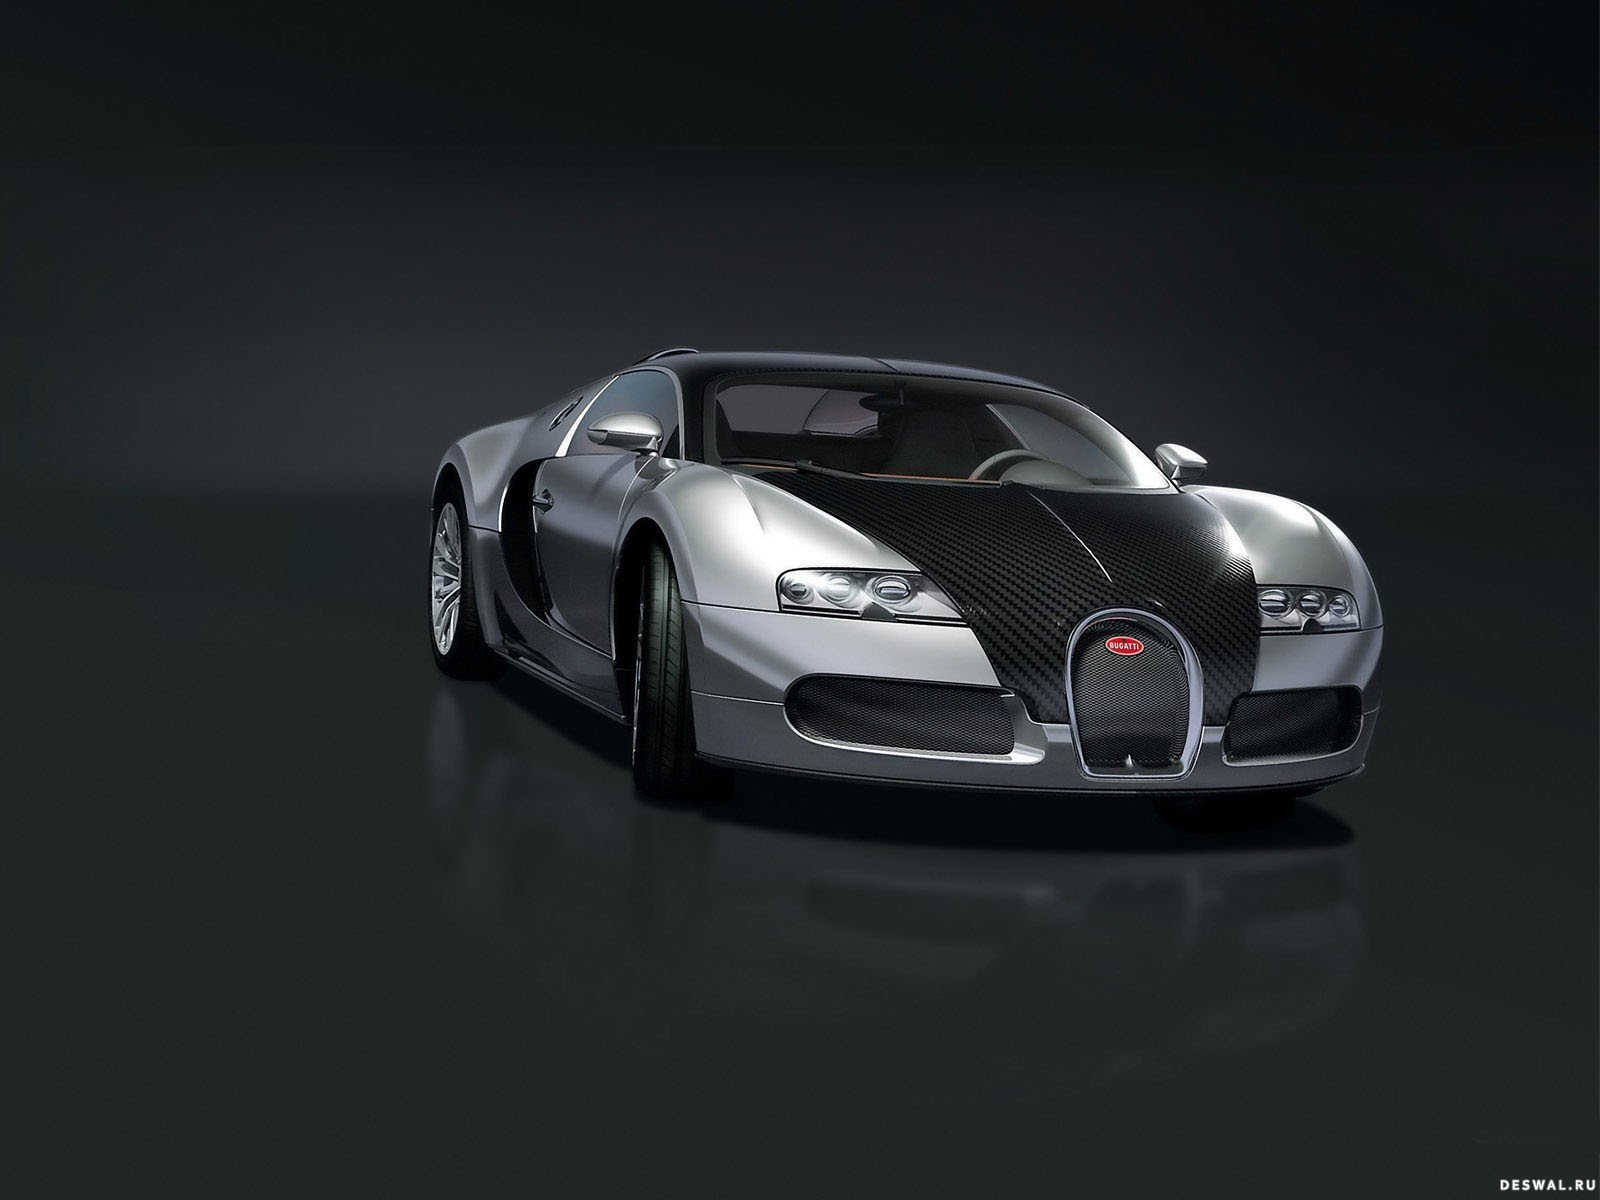 Картинка автомобиля Bugatti, Нажмите на картинку с обоями автомобиля bugatti, чтобы просмотреть ее в реальном размере